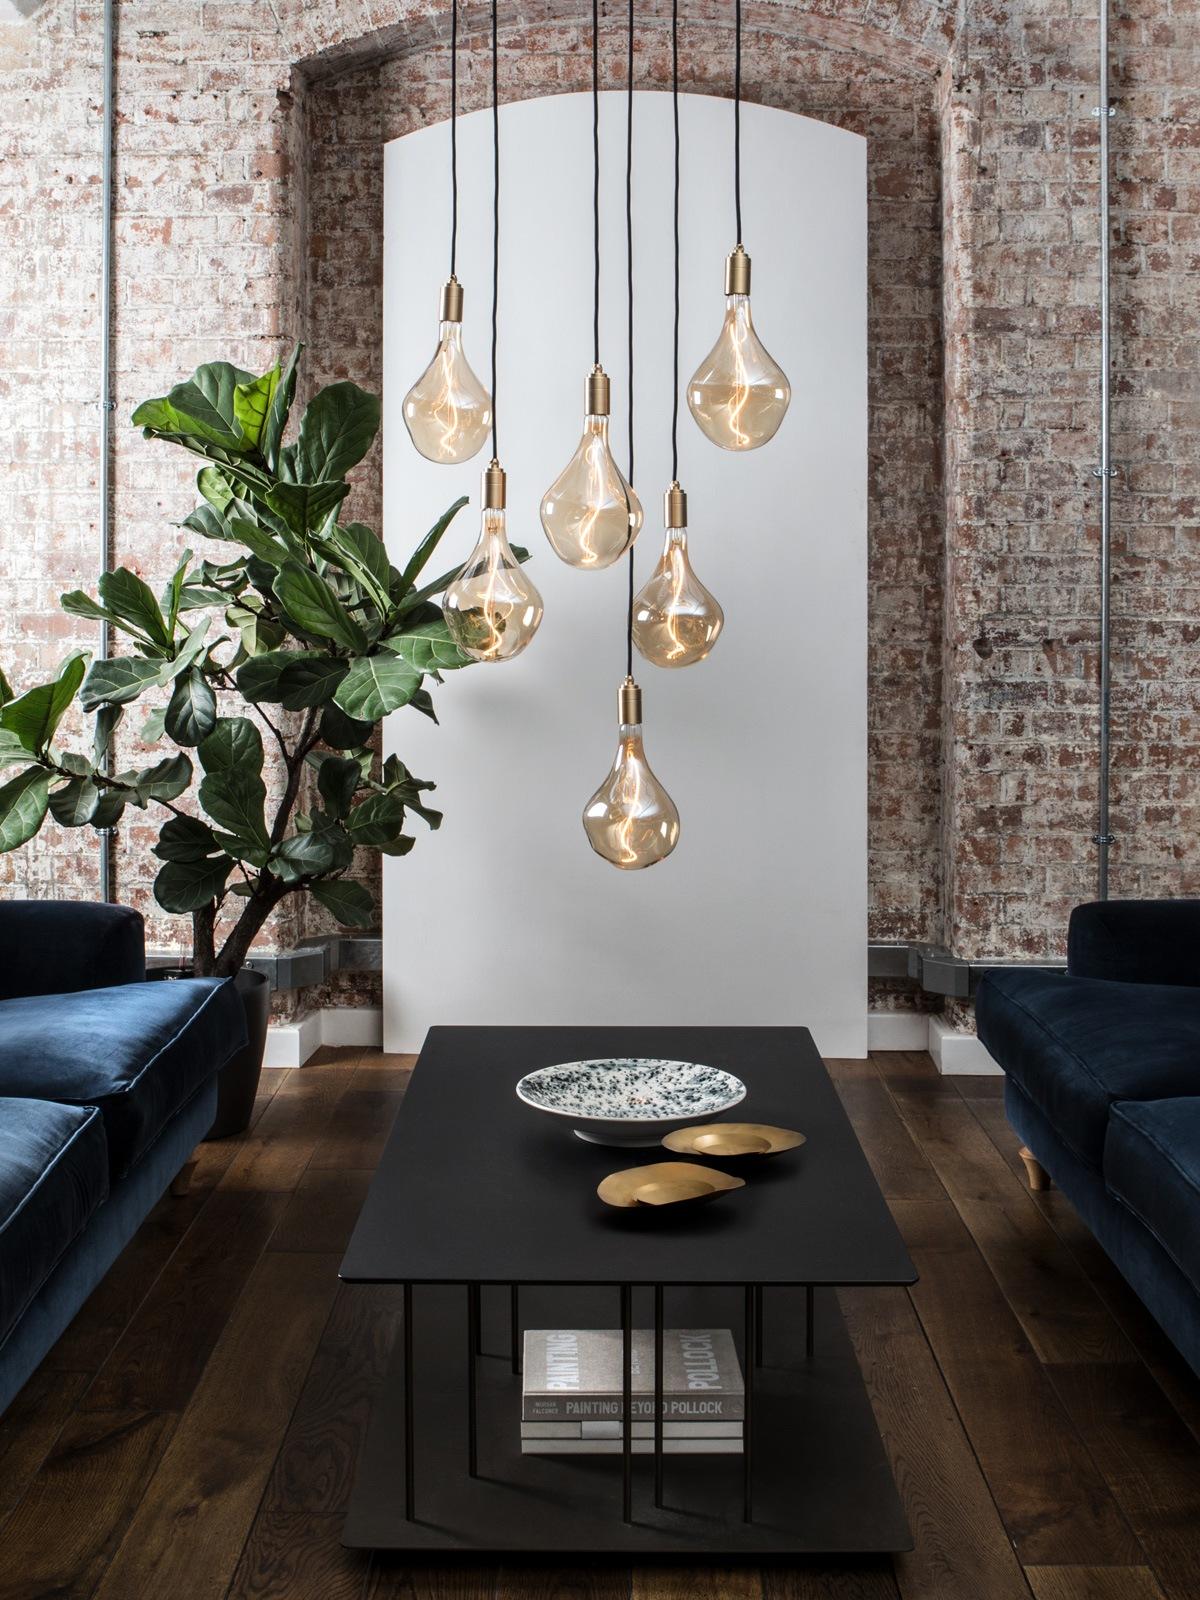 DesignOrt Blog: Trend: Leuchten mit sichtbarem Leuchtmittel Tala Pendant Light Fassung und Leuchtmittel DesignOrt Onlineshop Lampen